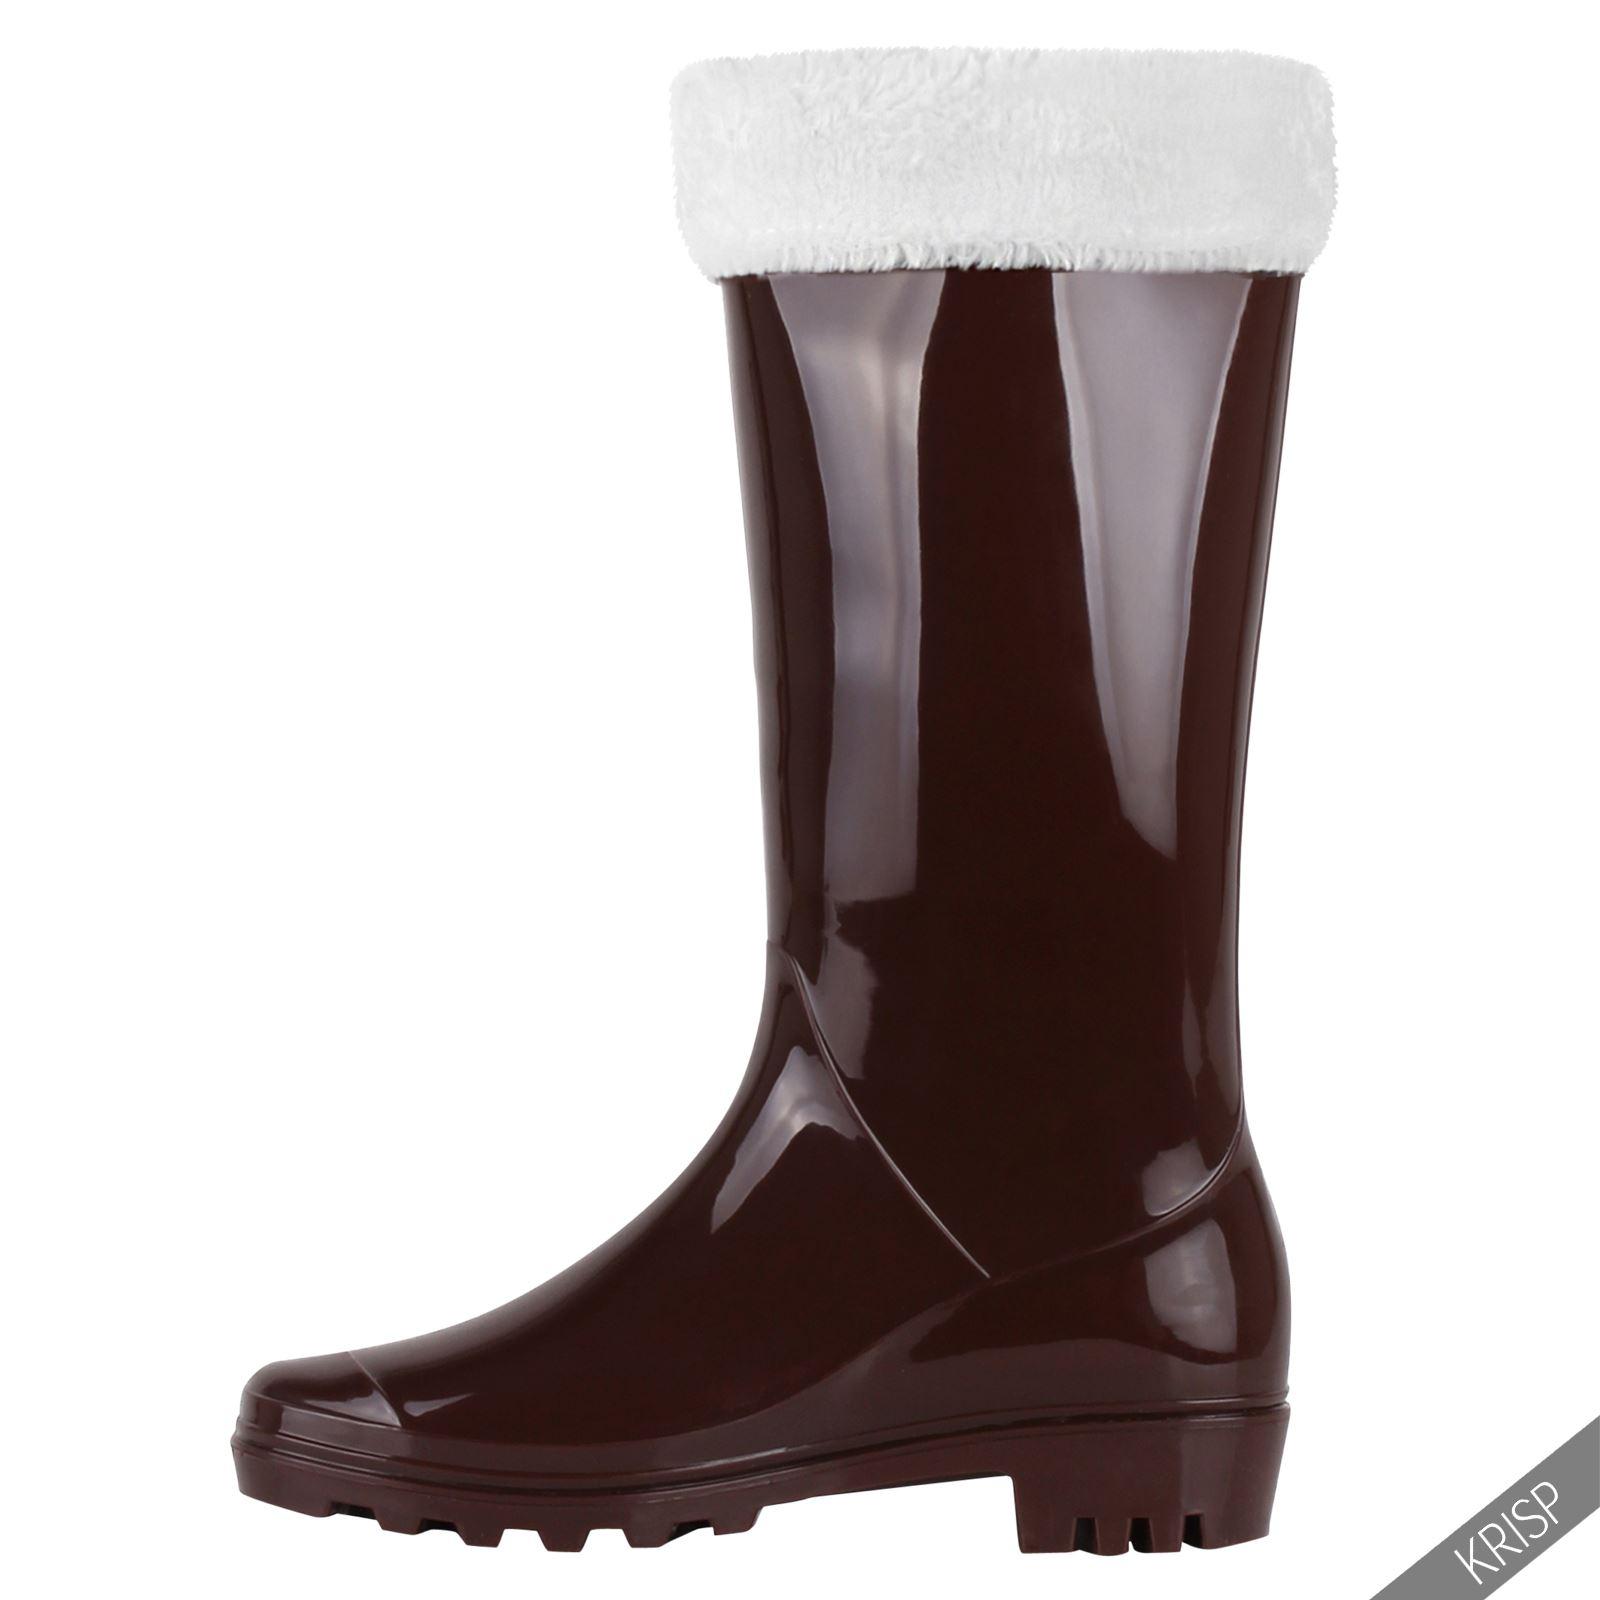 Botas-Agua-Mujer-Barata-Original-Botines-Moda-Comodas-Calzado-Elastico-Juveniles miniatura 20